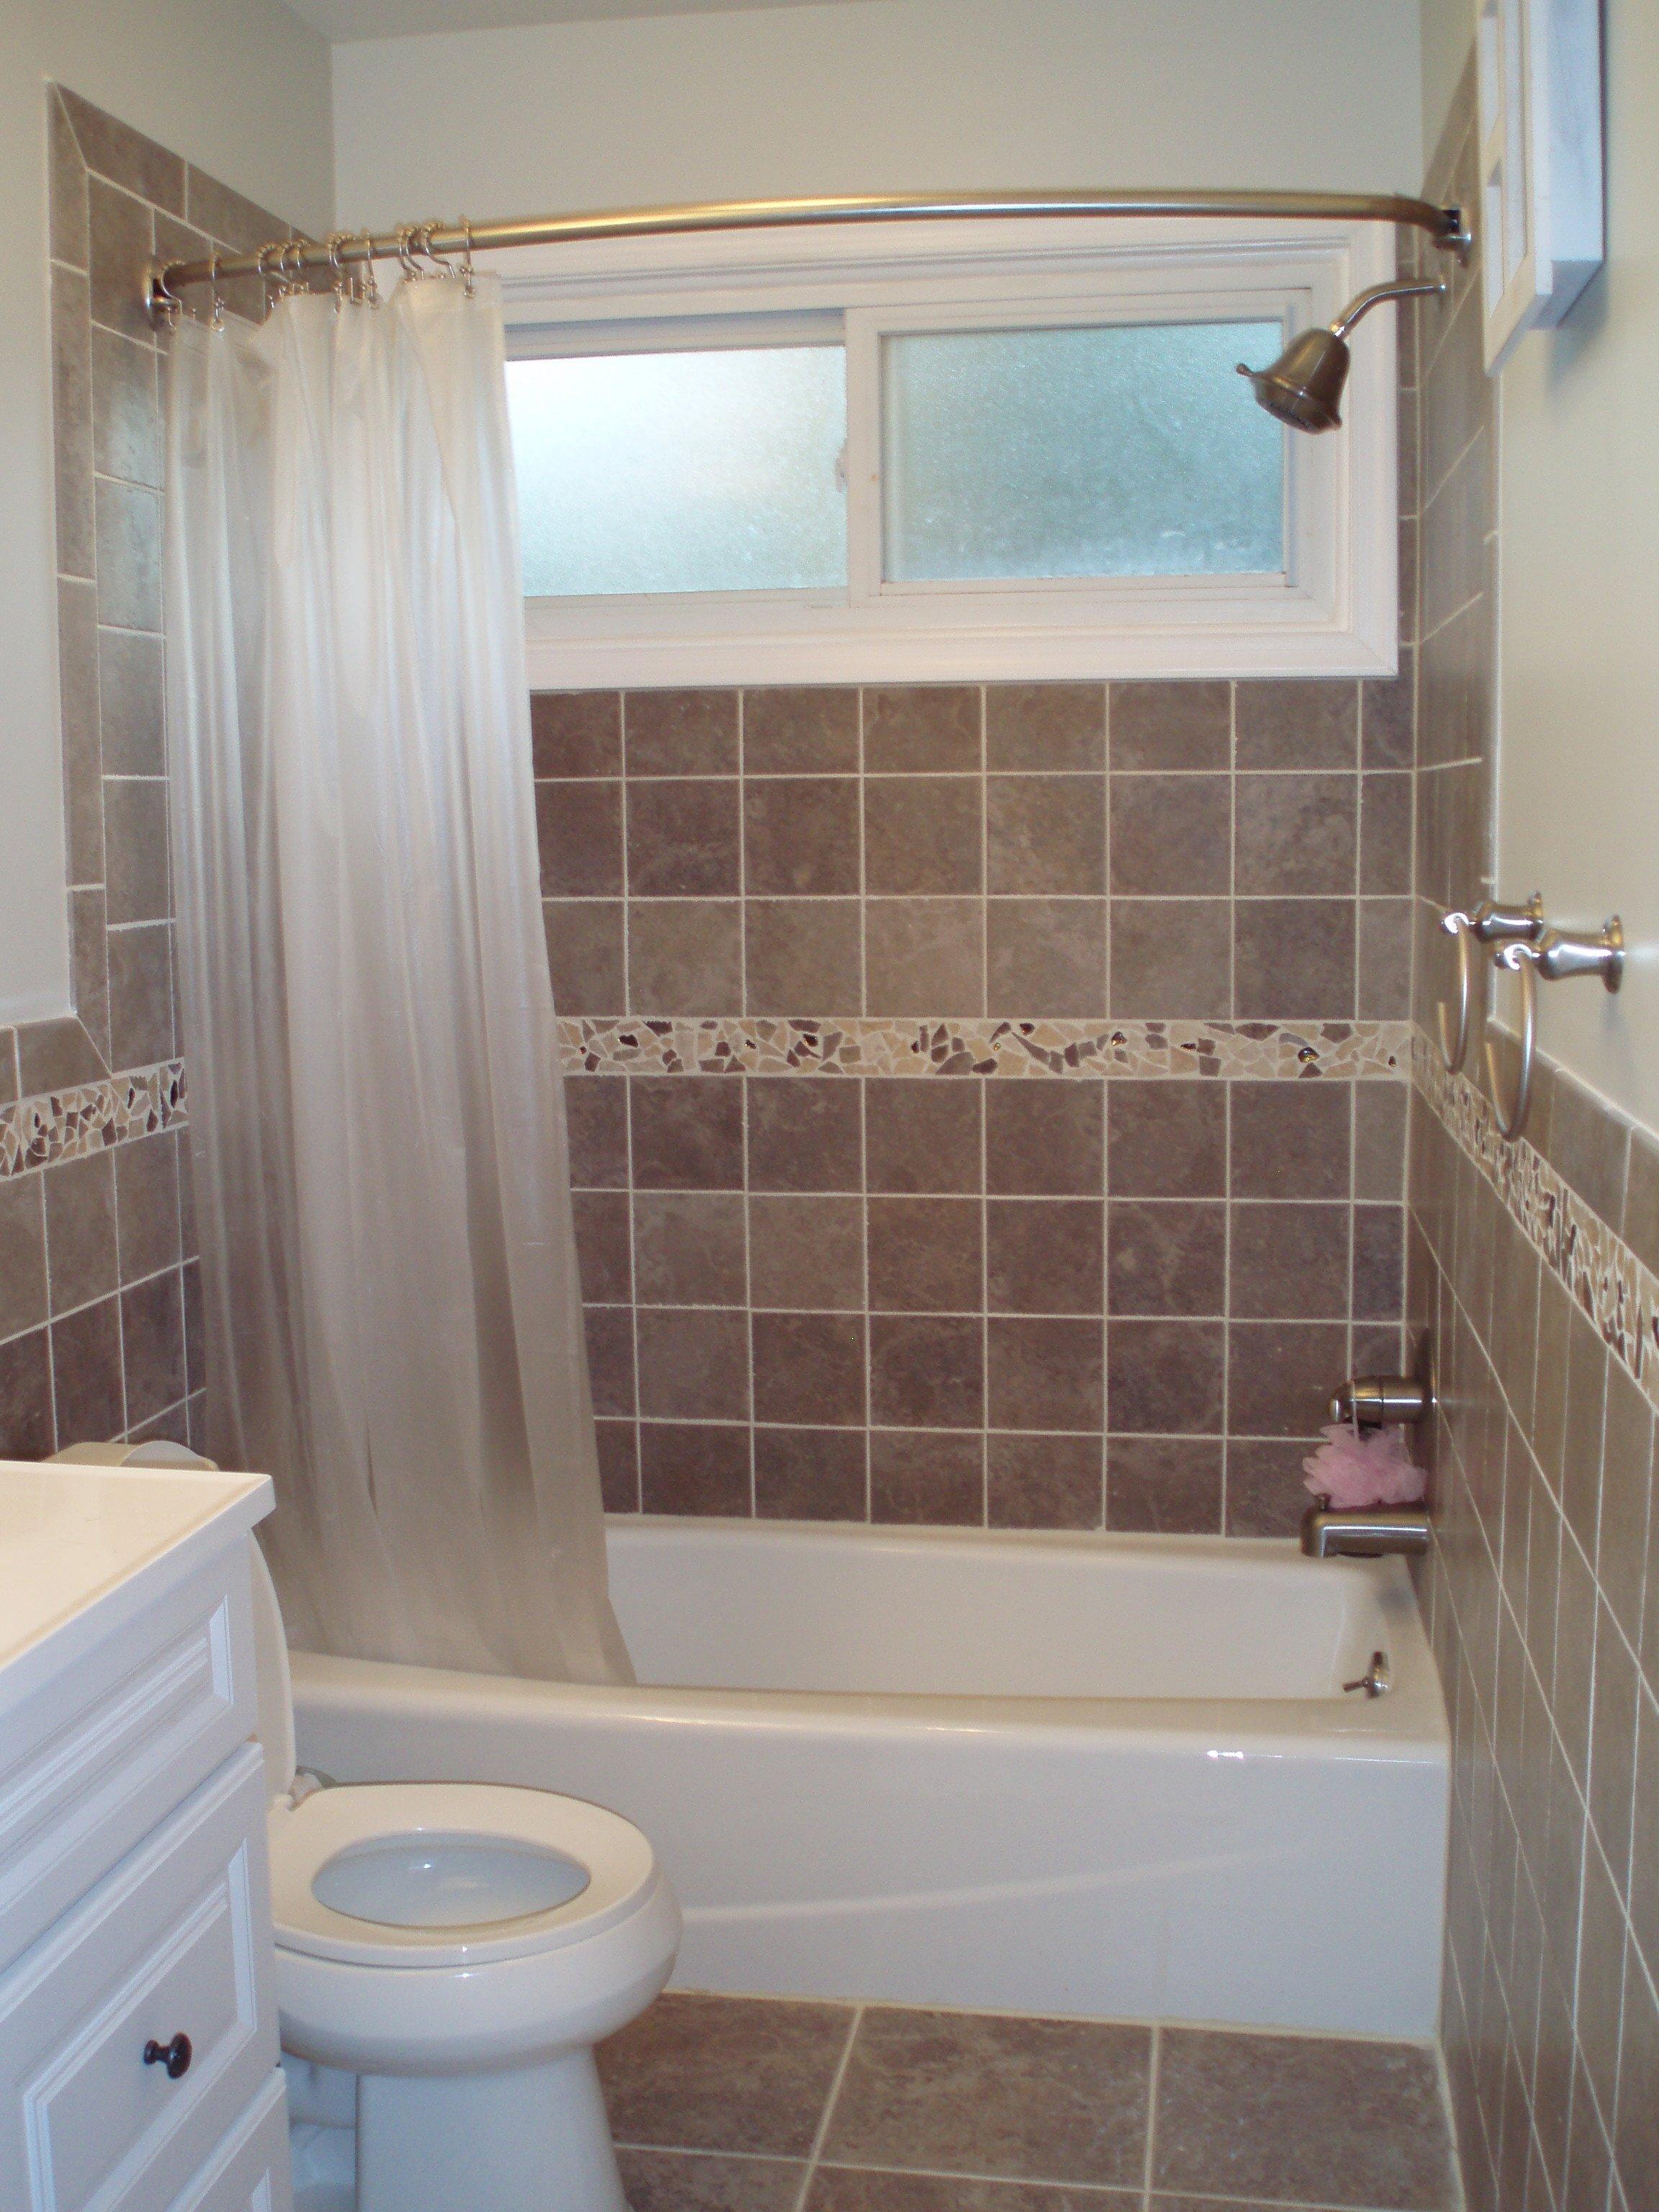 10 Amazing Bathtub Ideas For A Small Bathroom new bathroom tiles for small bathrooms ideas models tikspor 2020